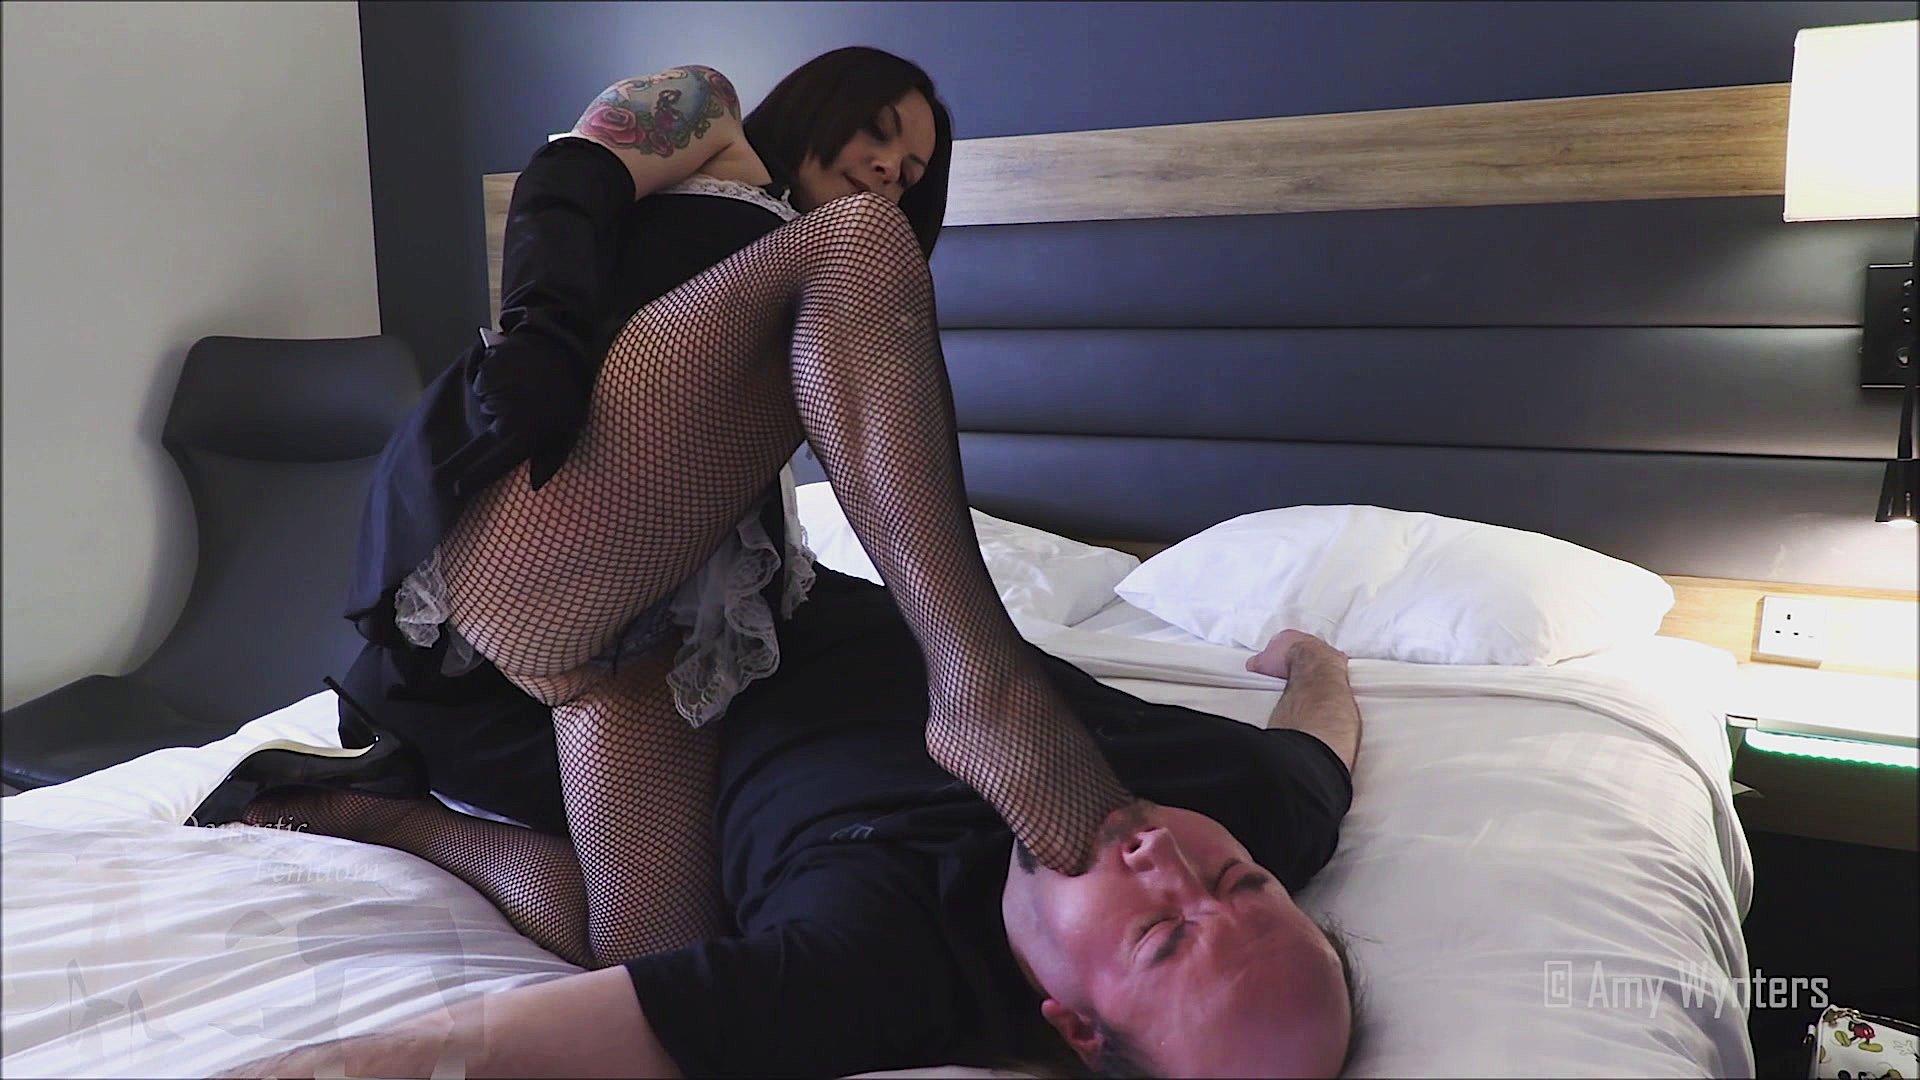 amy wynters stockings foot fetish femdom